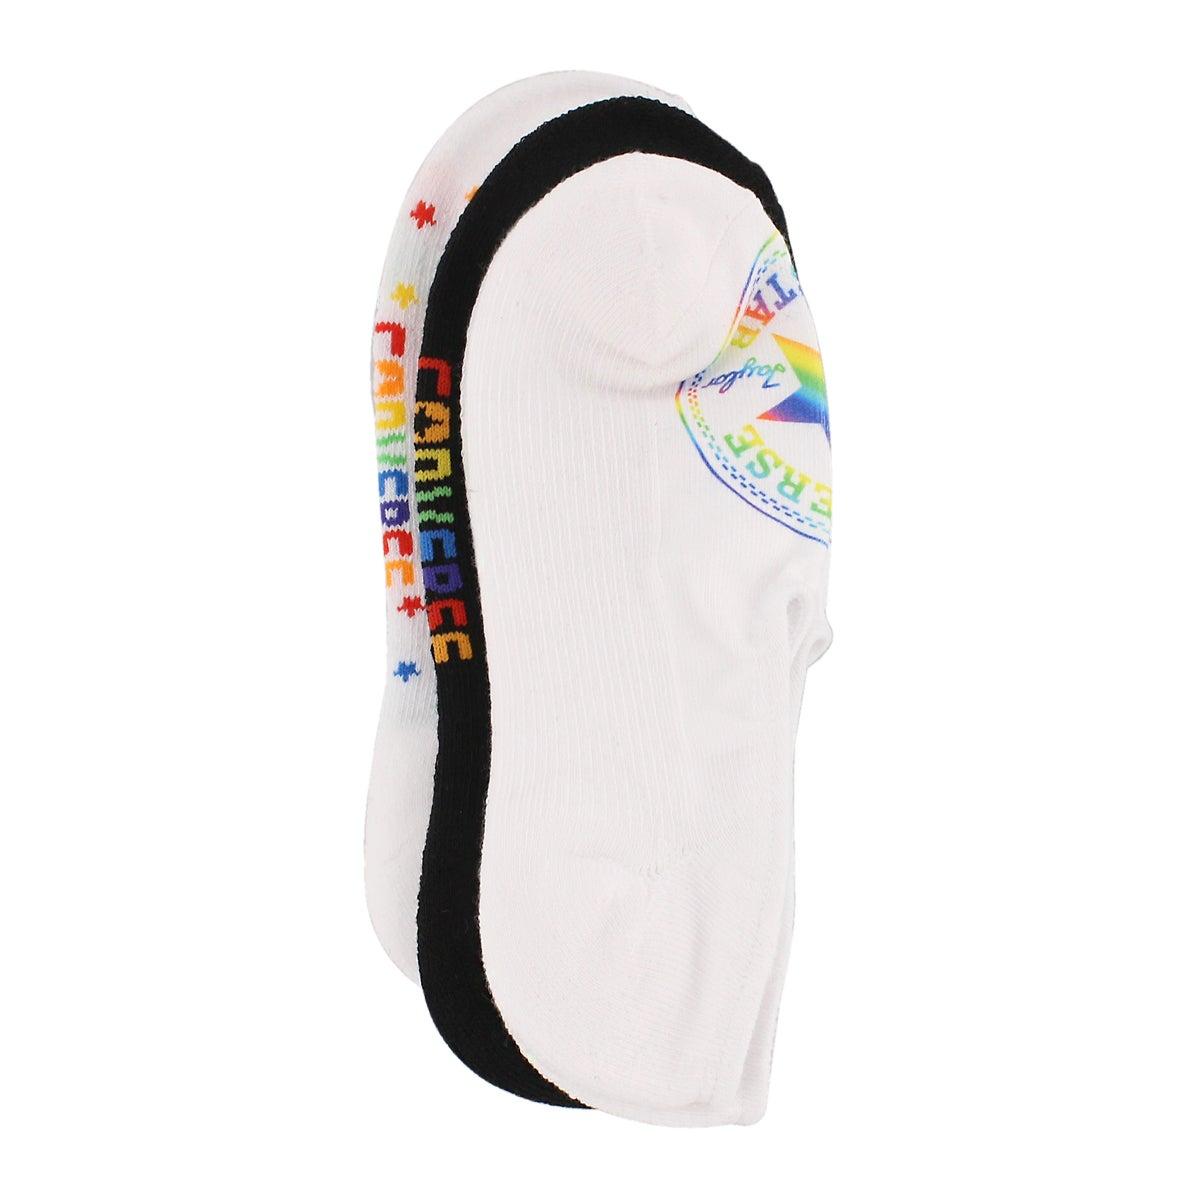 Women's PRIDE LADIES mulit colour socks - 3 pack